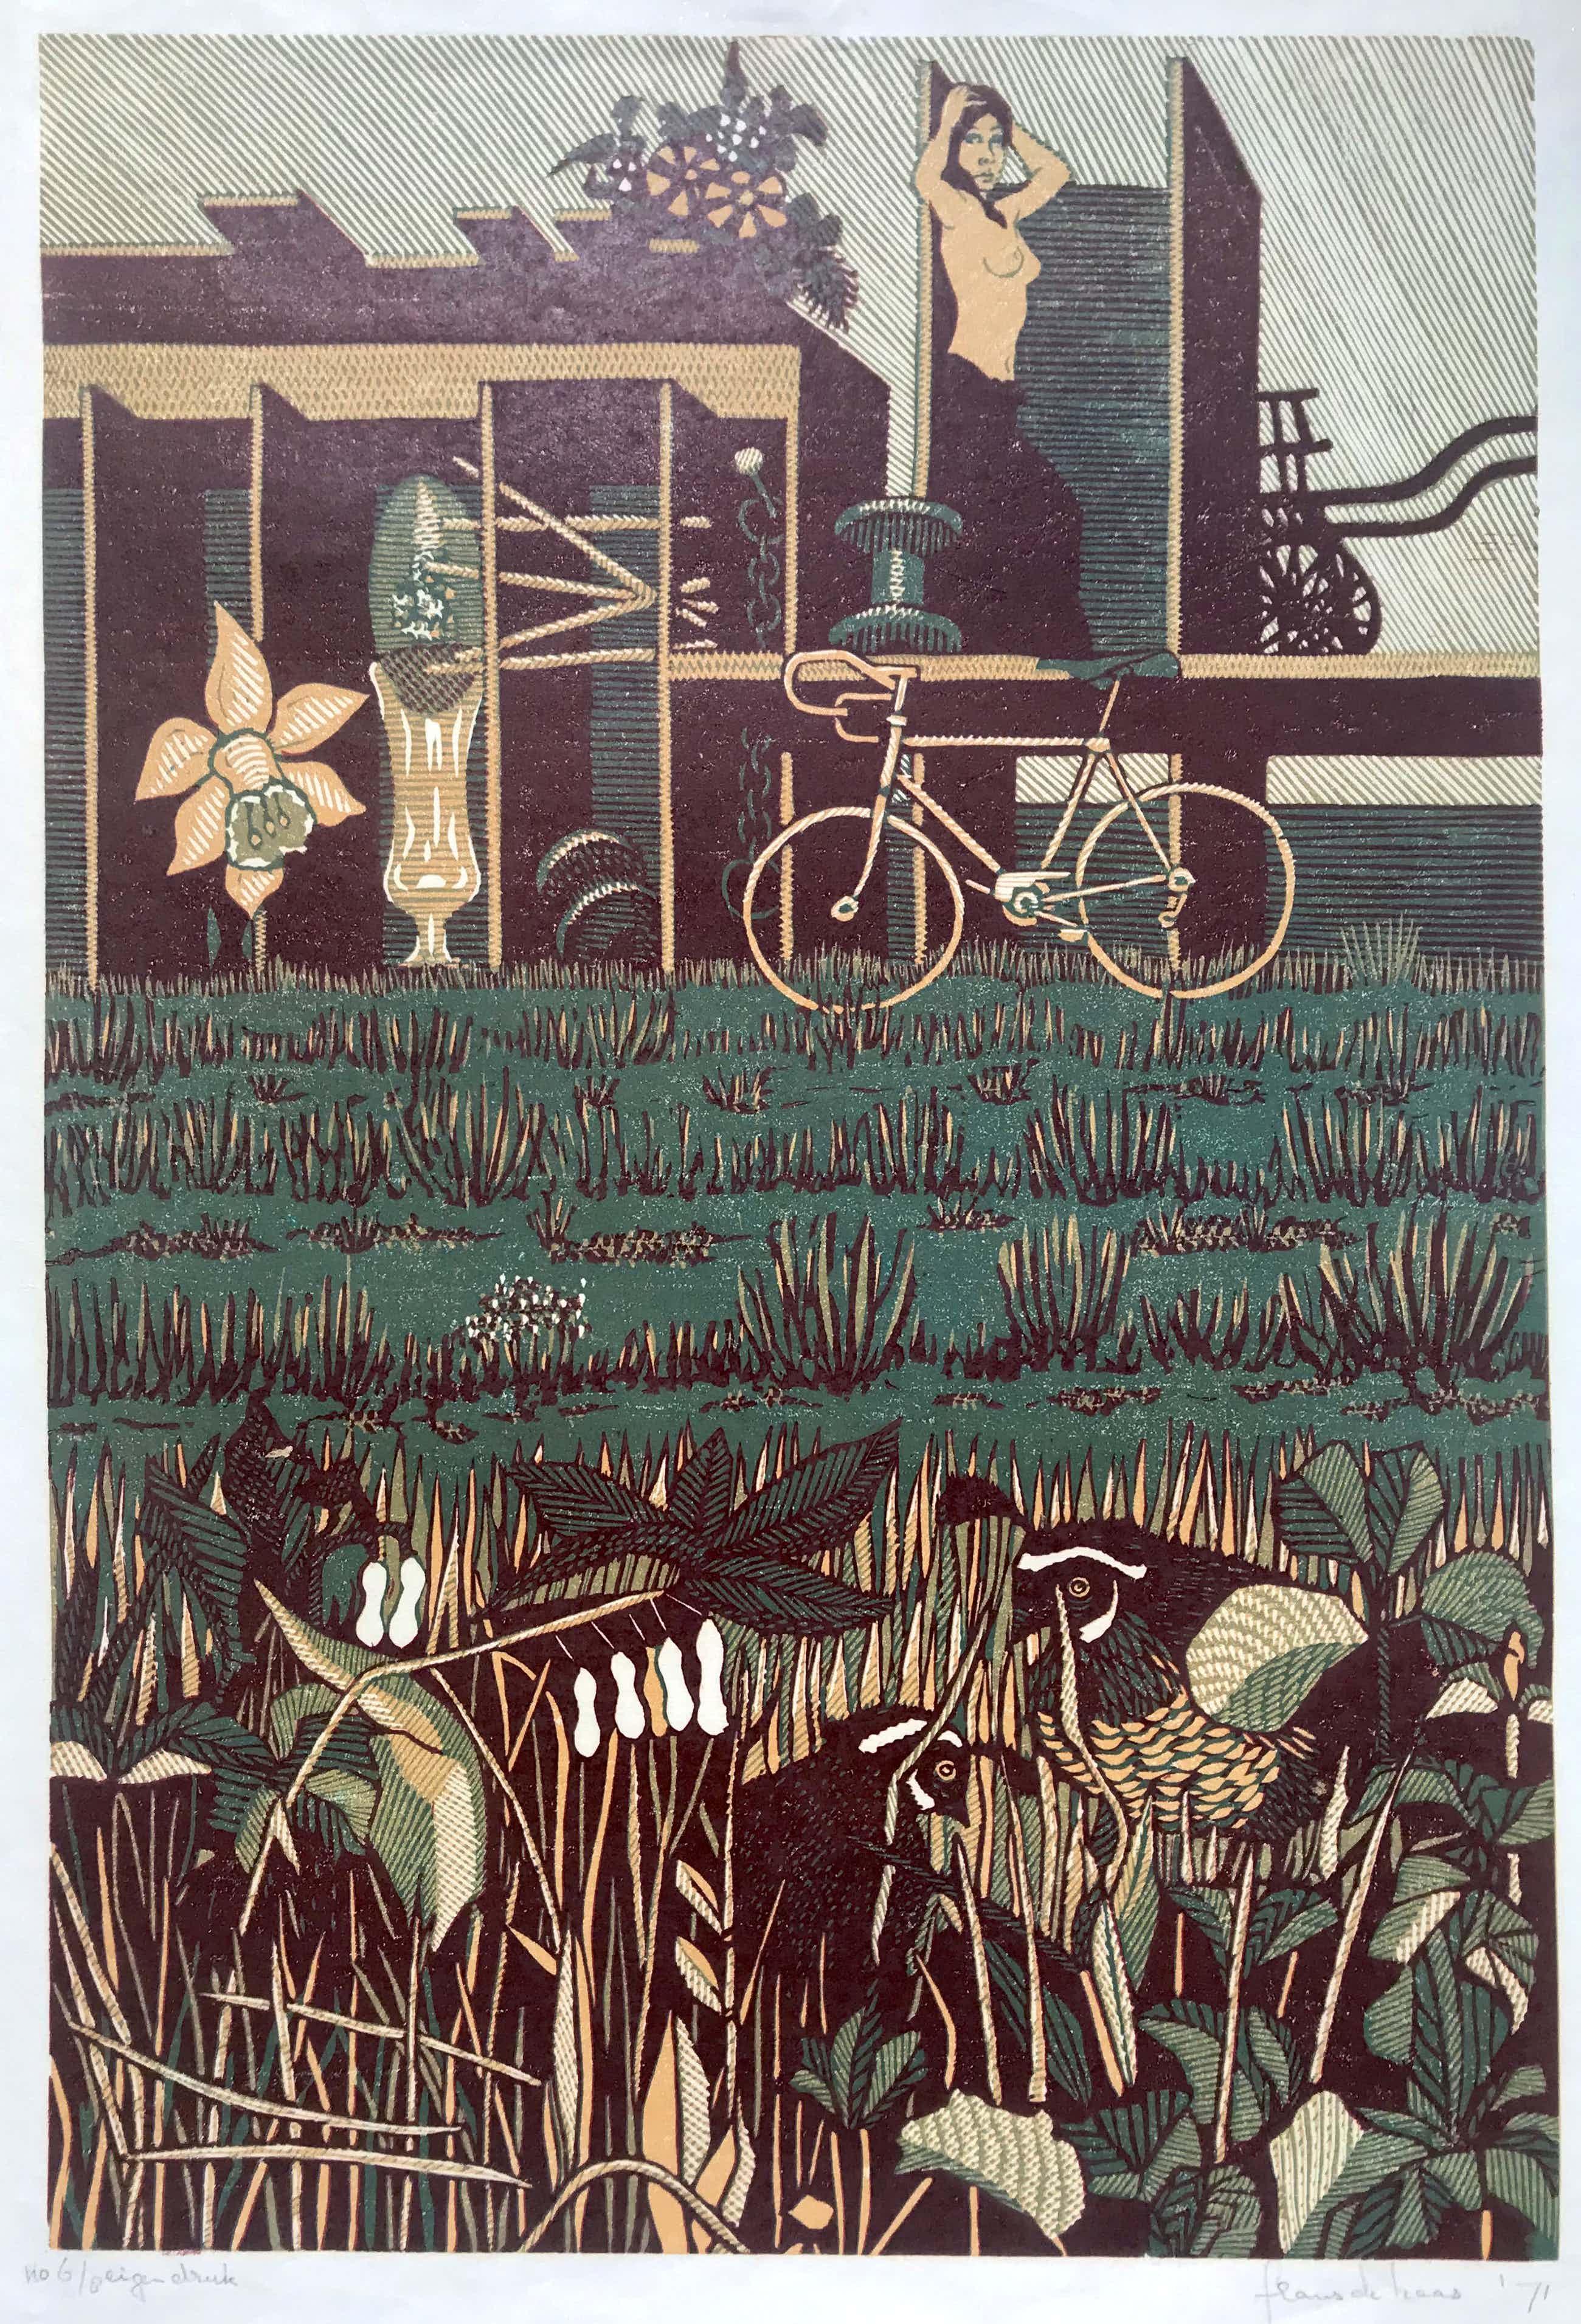 Frans de Haas - Vrouw met Vogels - Eigendruk -Zeer kleine oplage 6/8, Handgesigneerd -1971 kopen? Bied vanaf 100!